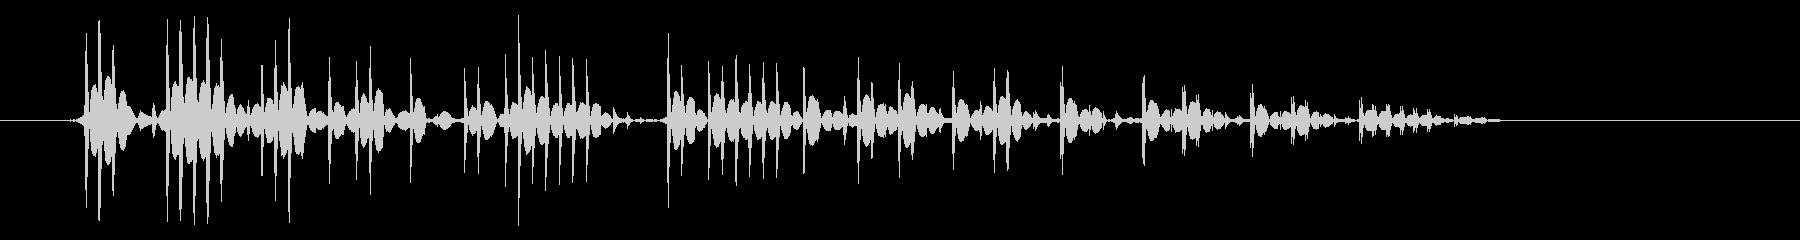 ゲーム(ファミコン風)爆発音_041の未再生の波形